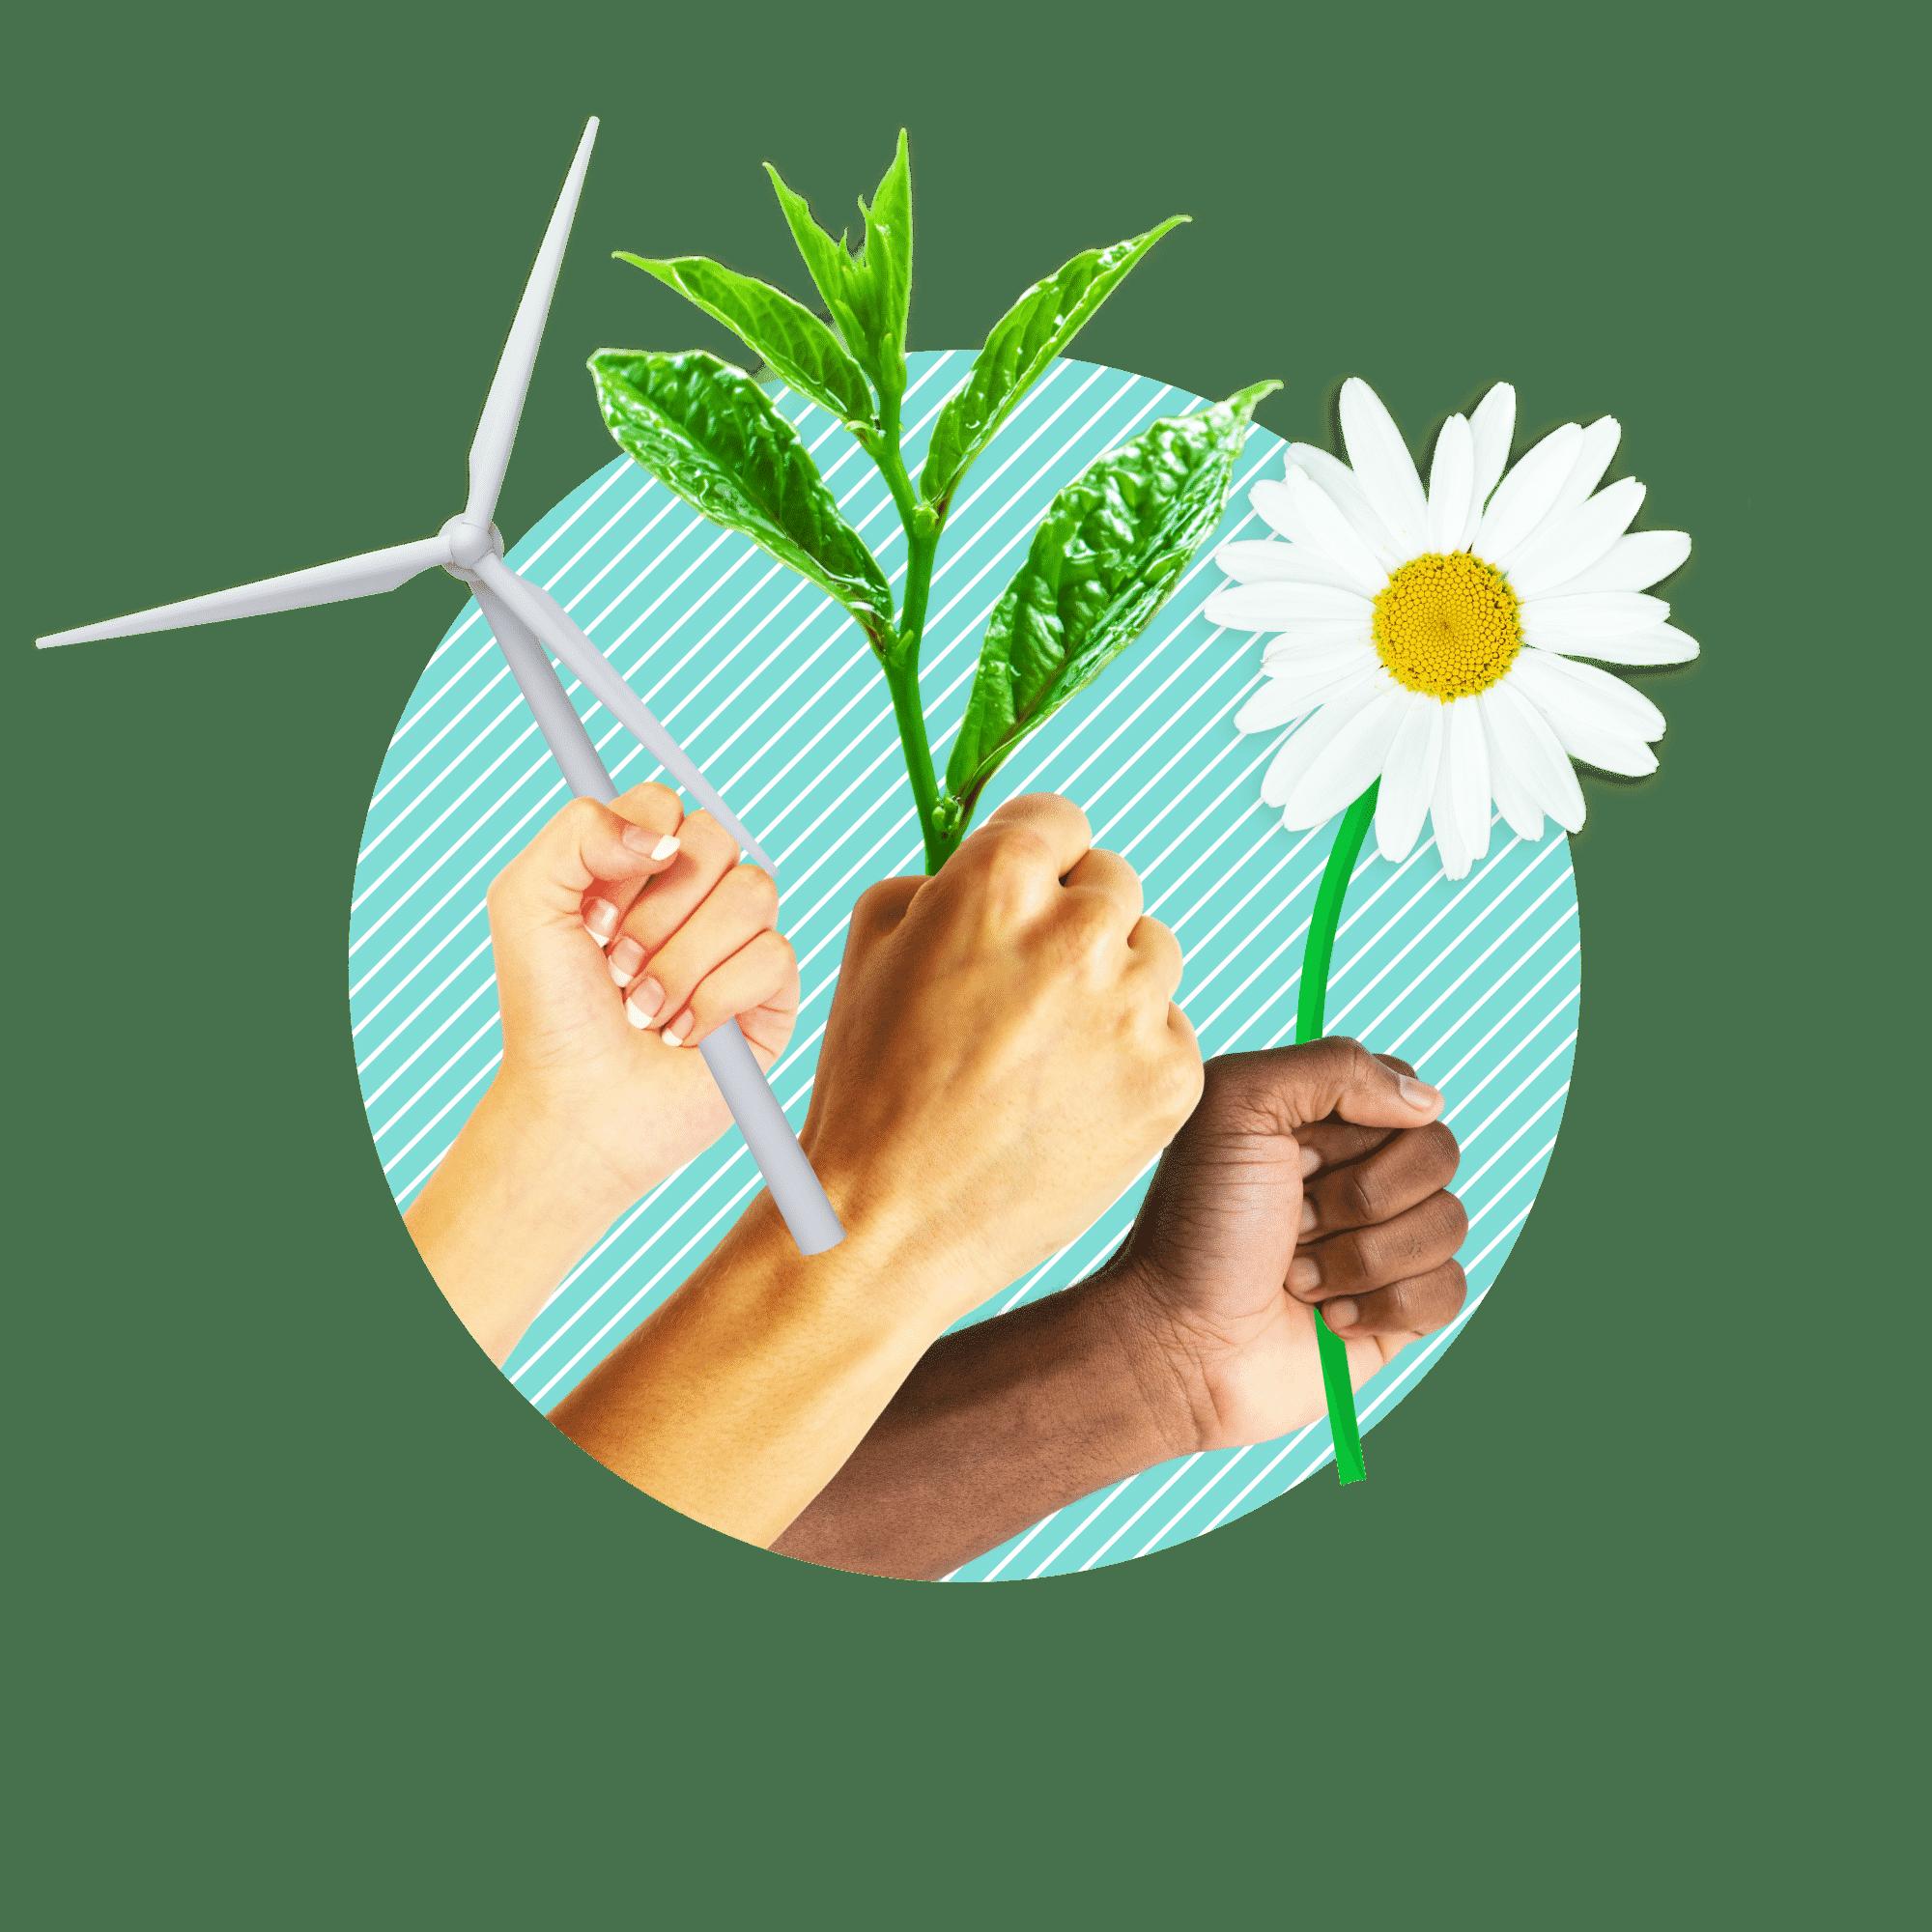 label électricité vert Vertvolt